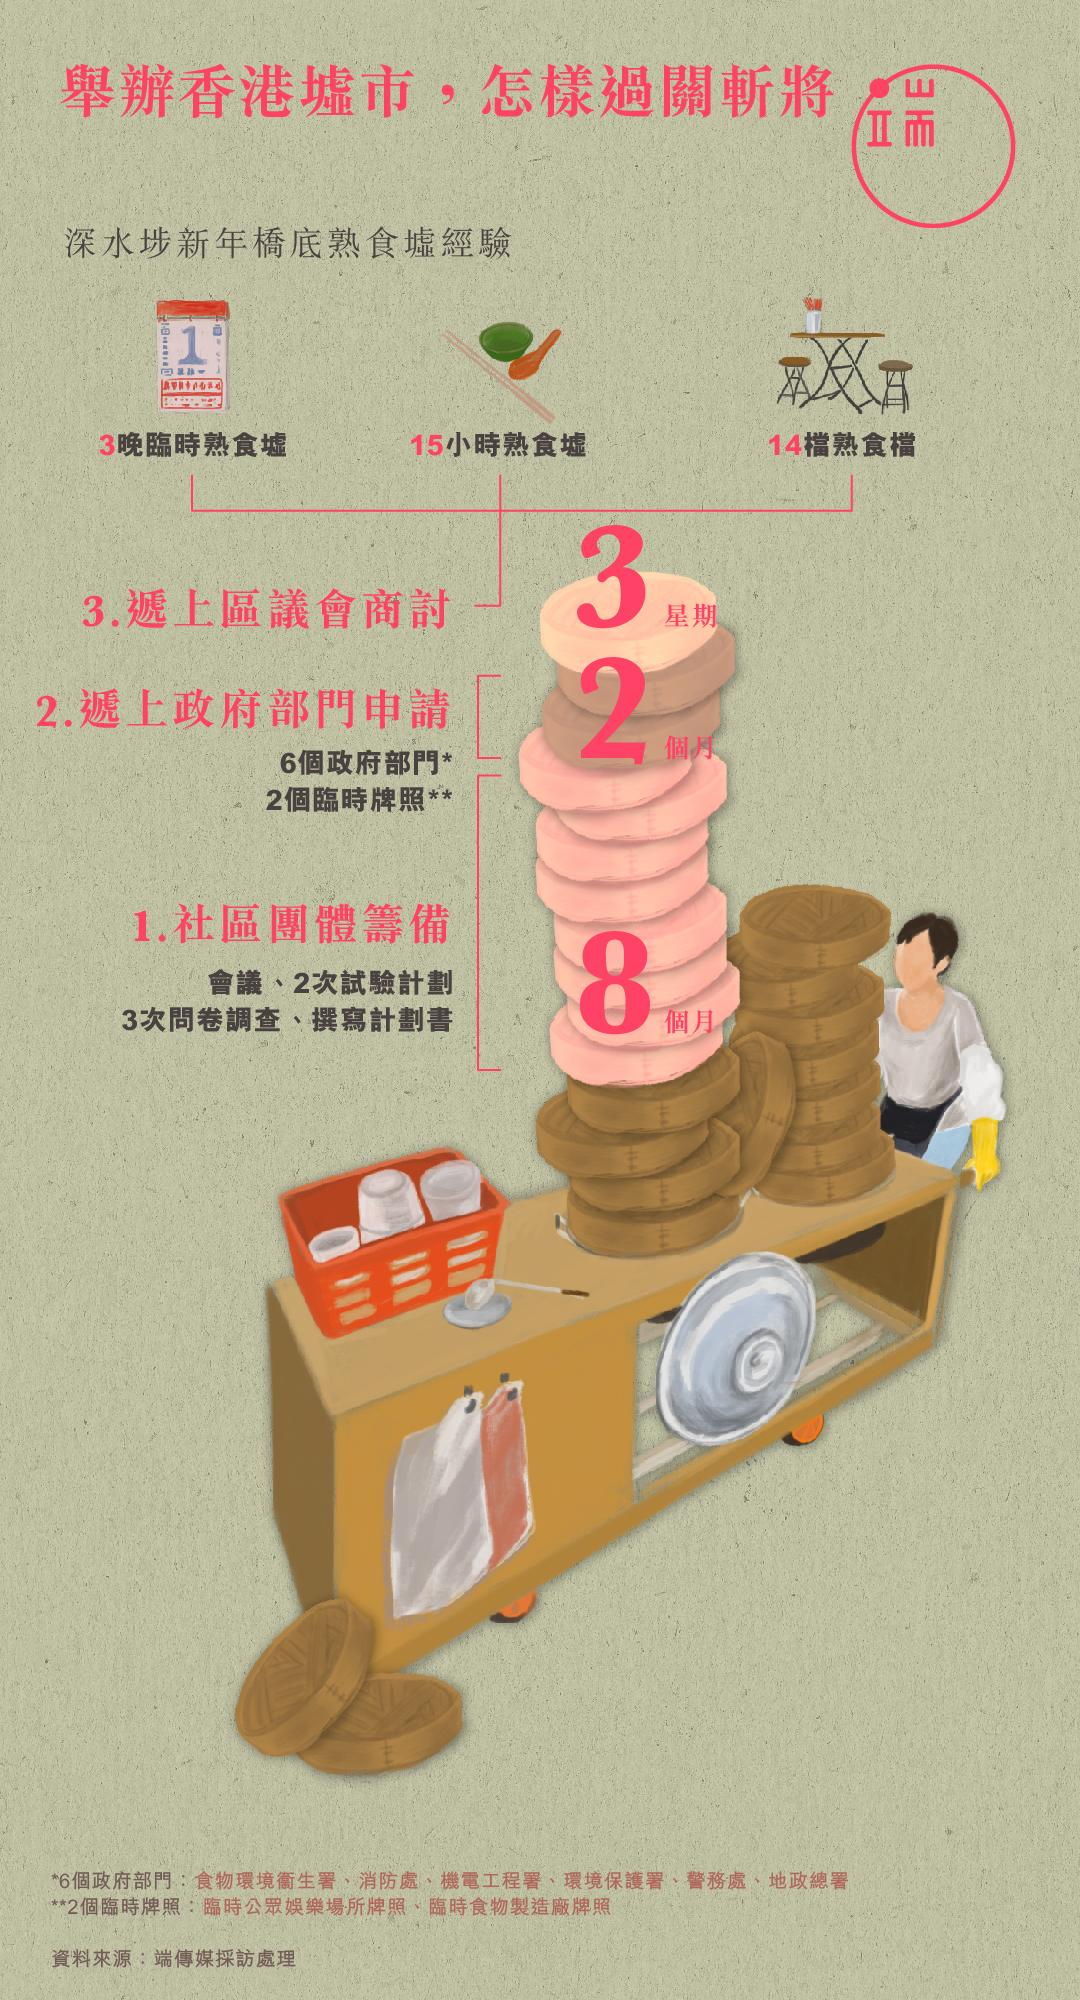 舉辦香港墟市,怎樣過關斬將?